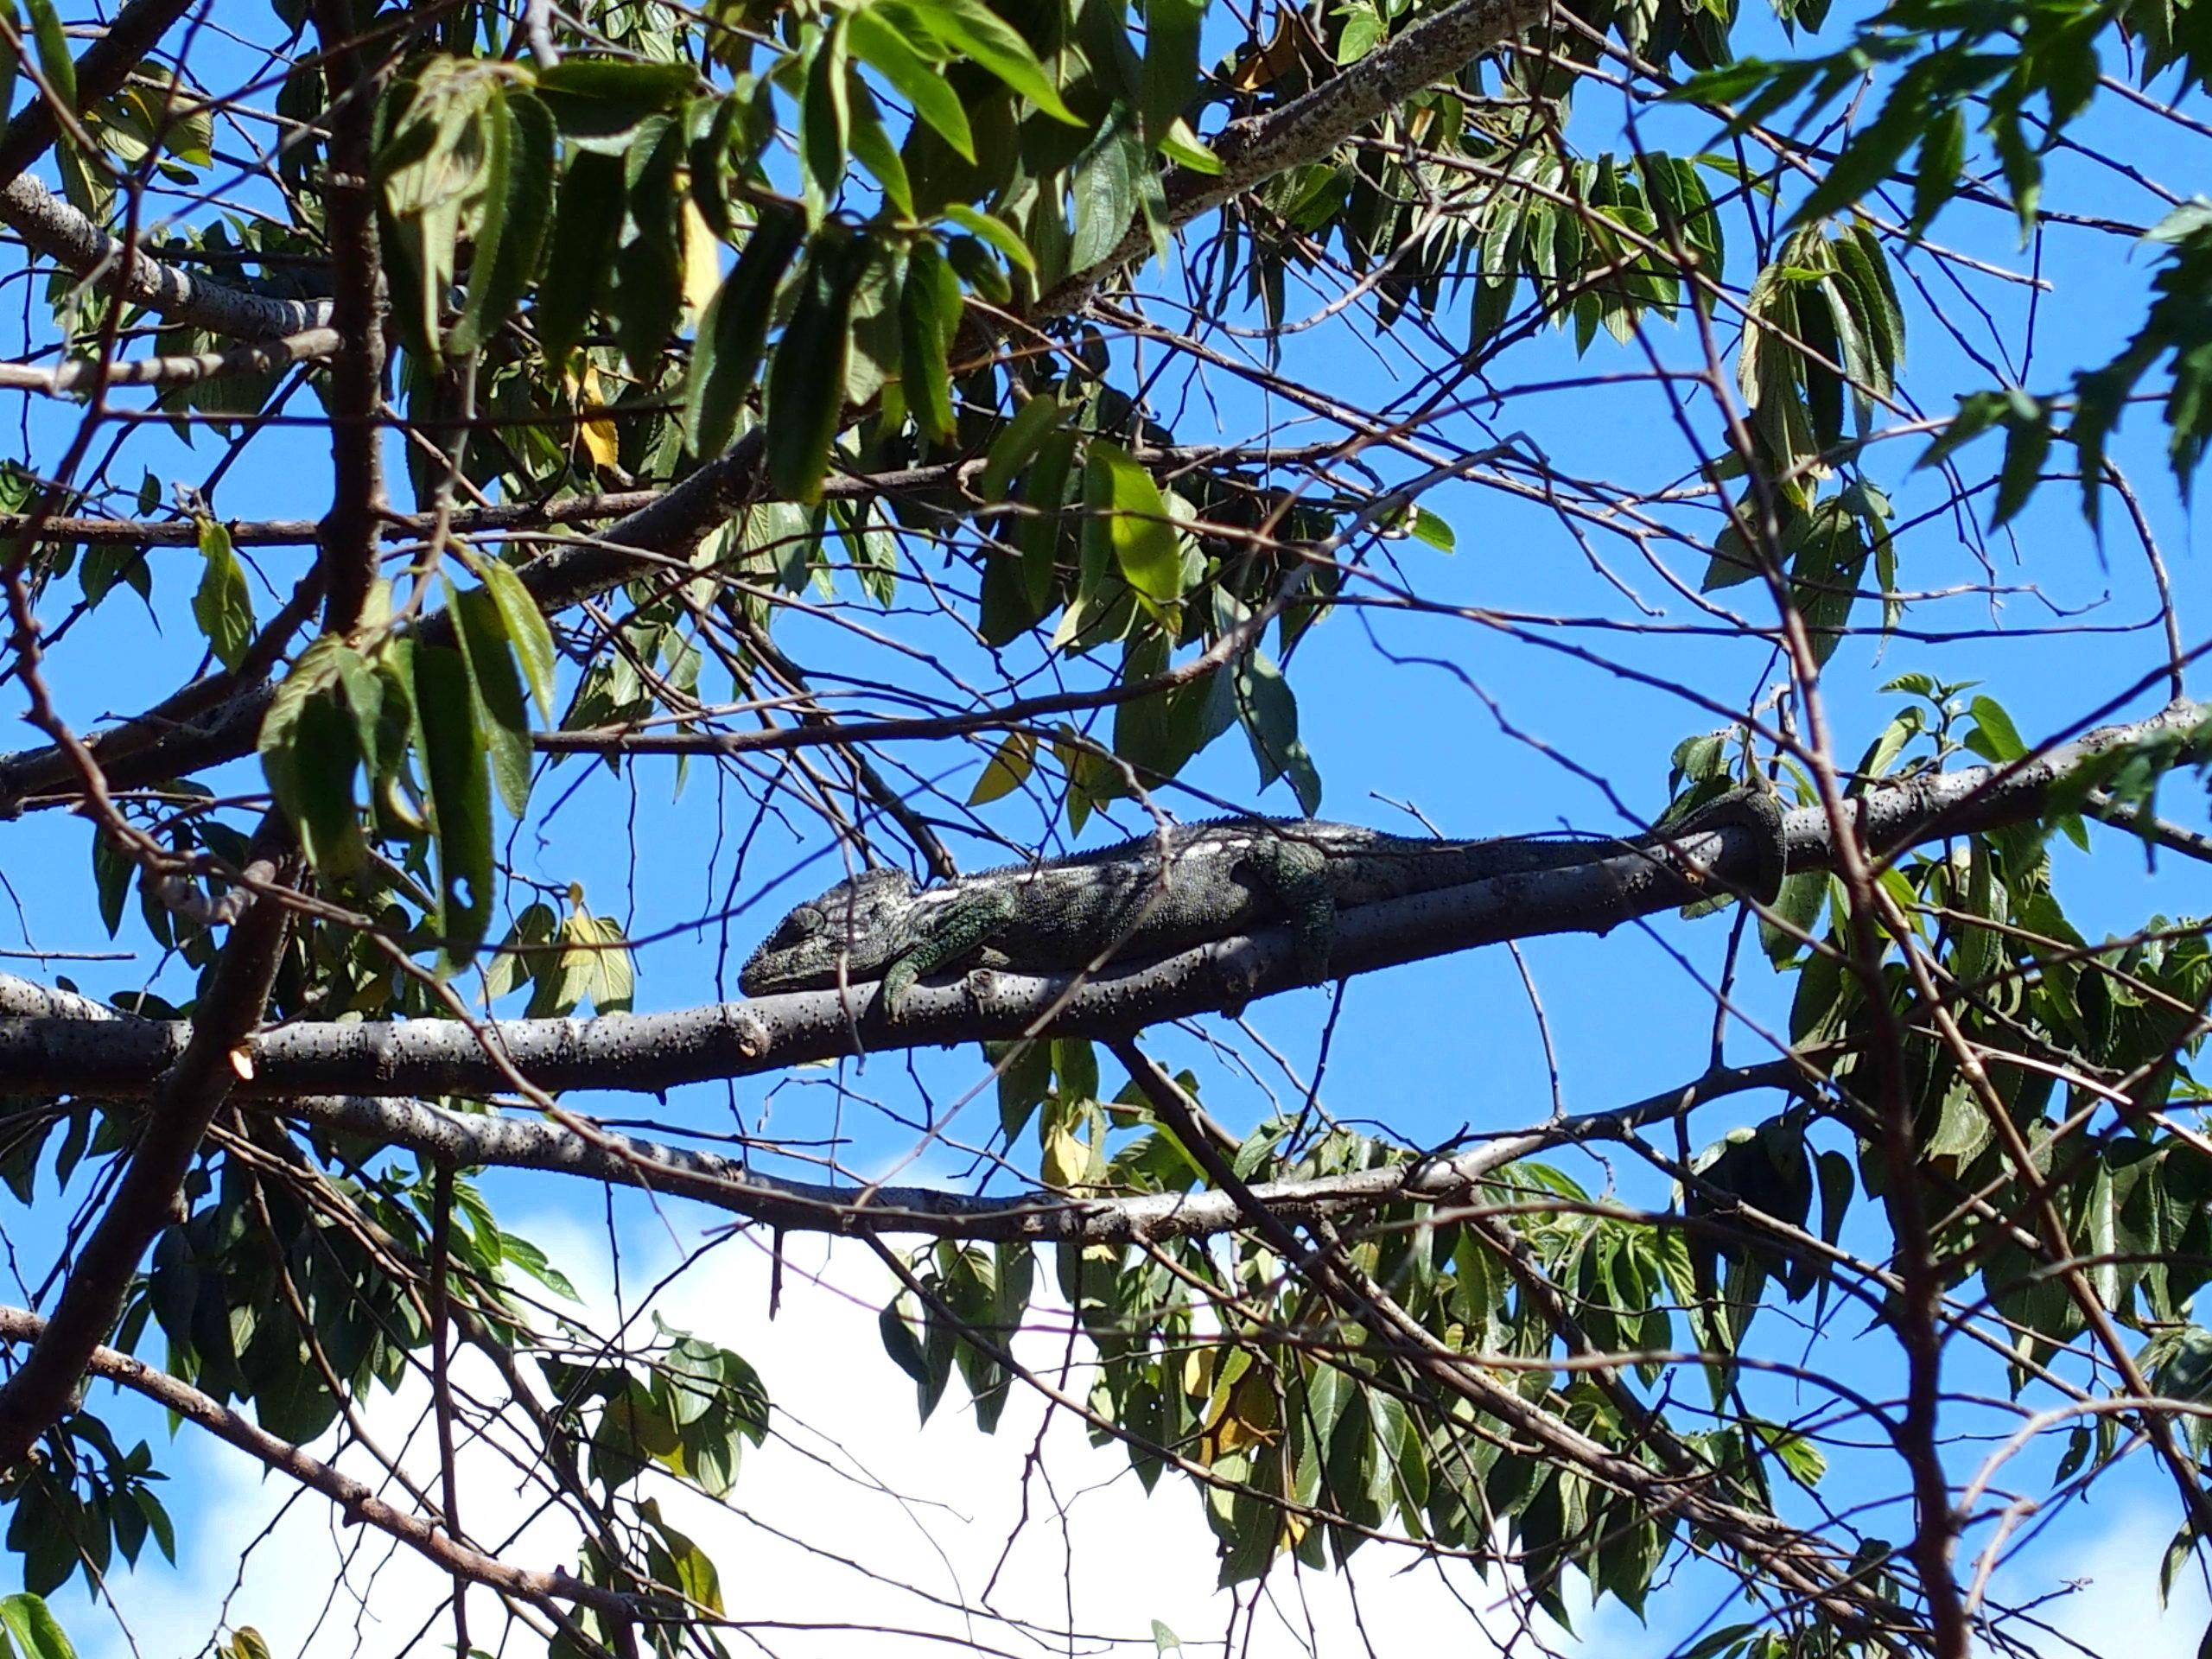 Caméléon gris parc Ranofamana Madagascar.